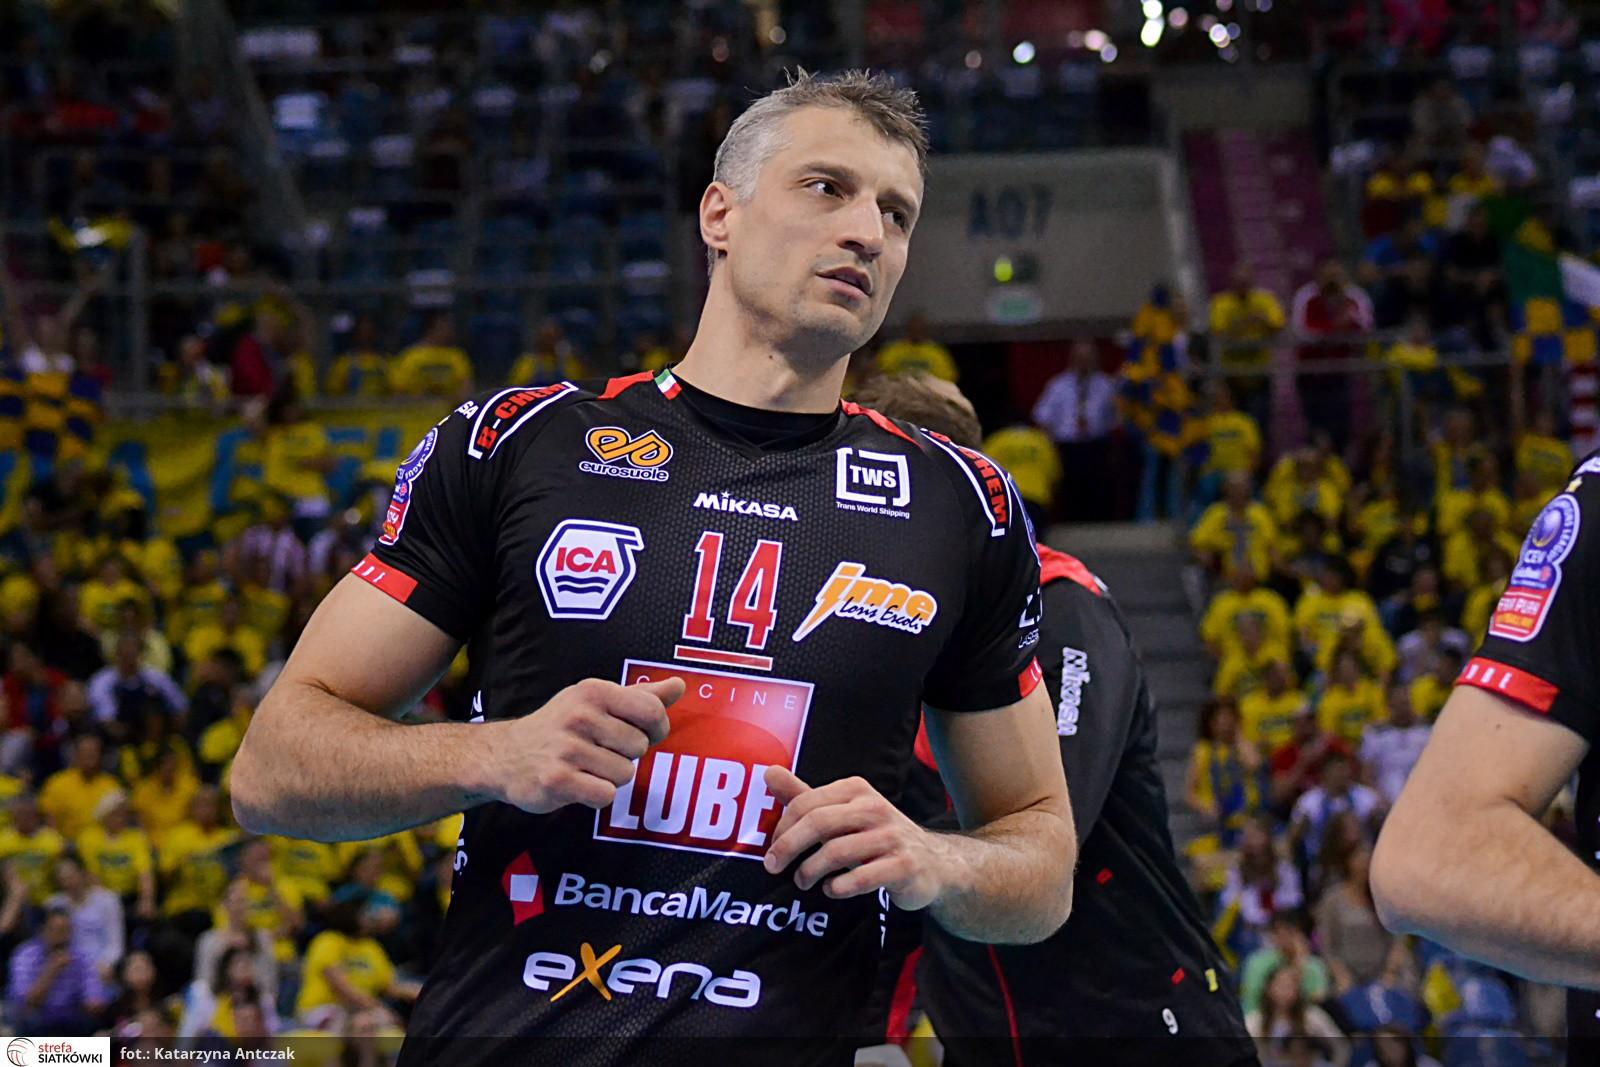 Ivann Miljkovią (Lube)